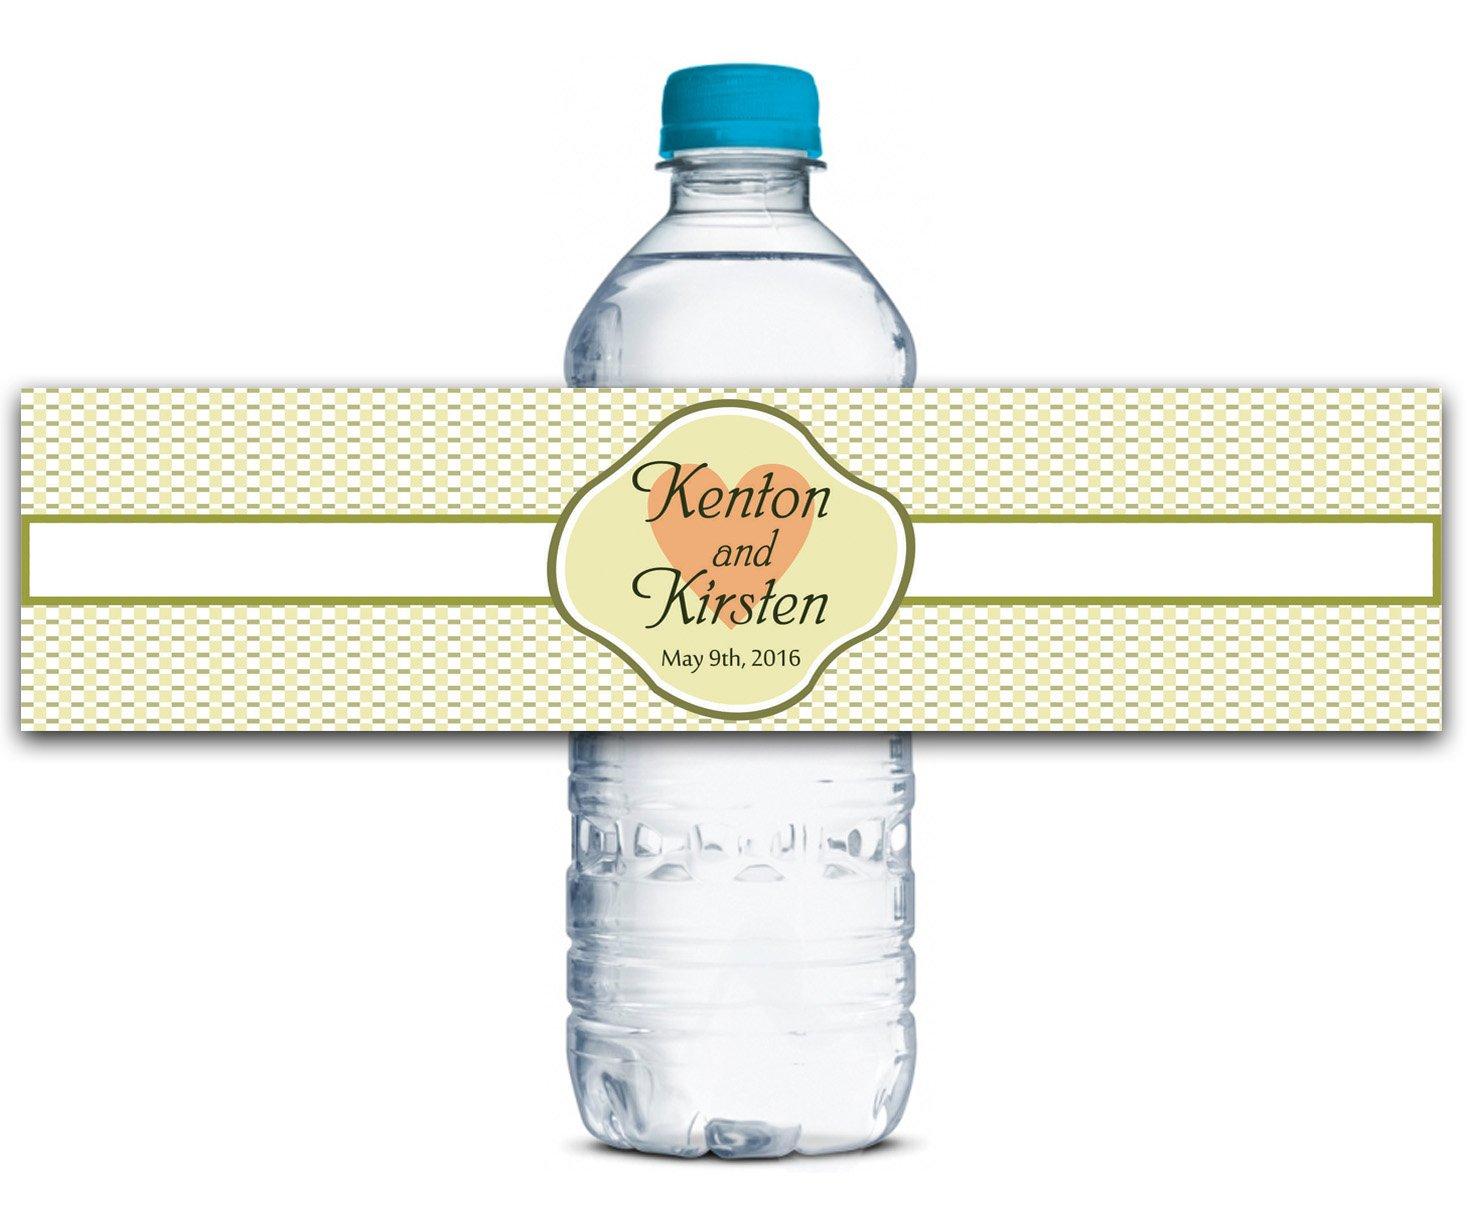 Personalisierte Wasserflasche Etiketten Selbstklebende wasserdichte Kundenspezifische Hochzeits-Aufkleber 8  x 2  Zoll - 50 Etiketten B01A0W1QEG | Billig ideal